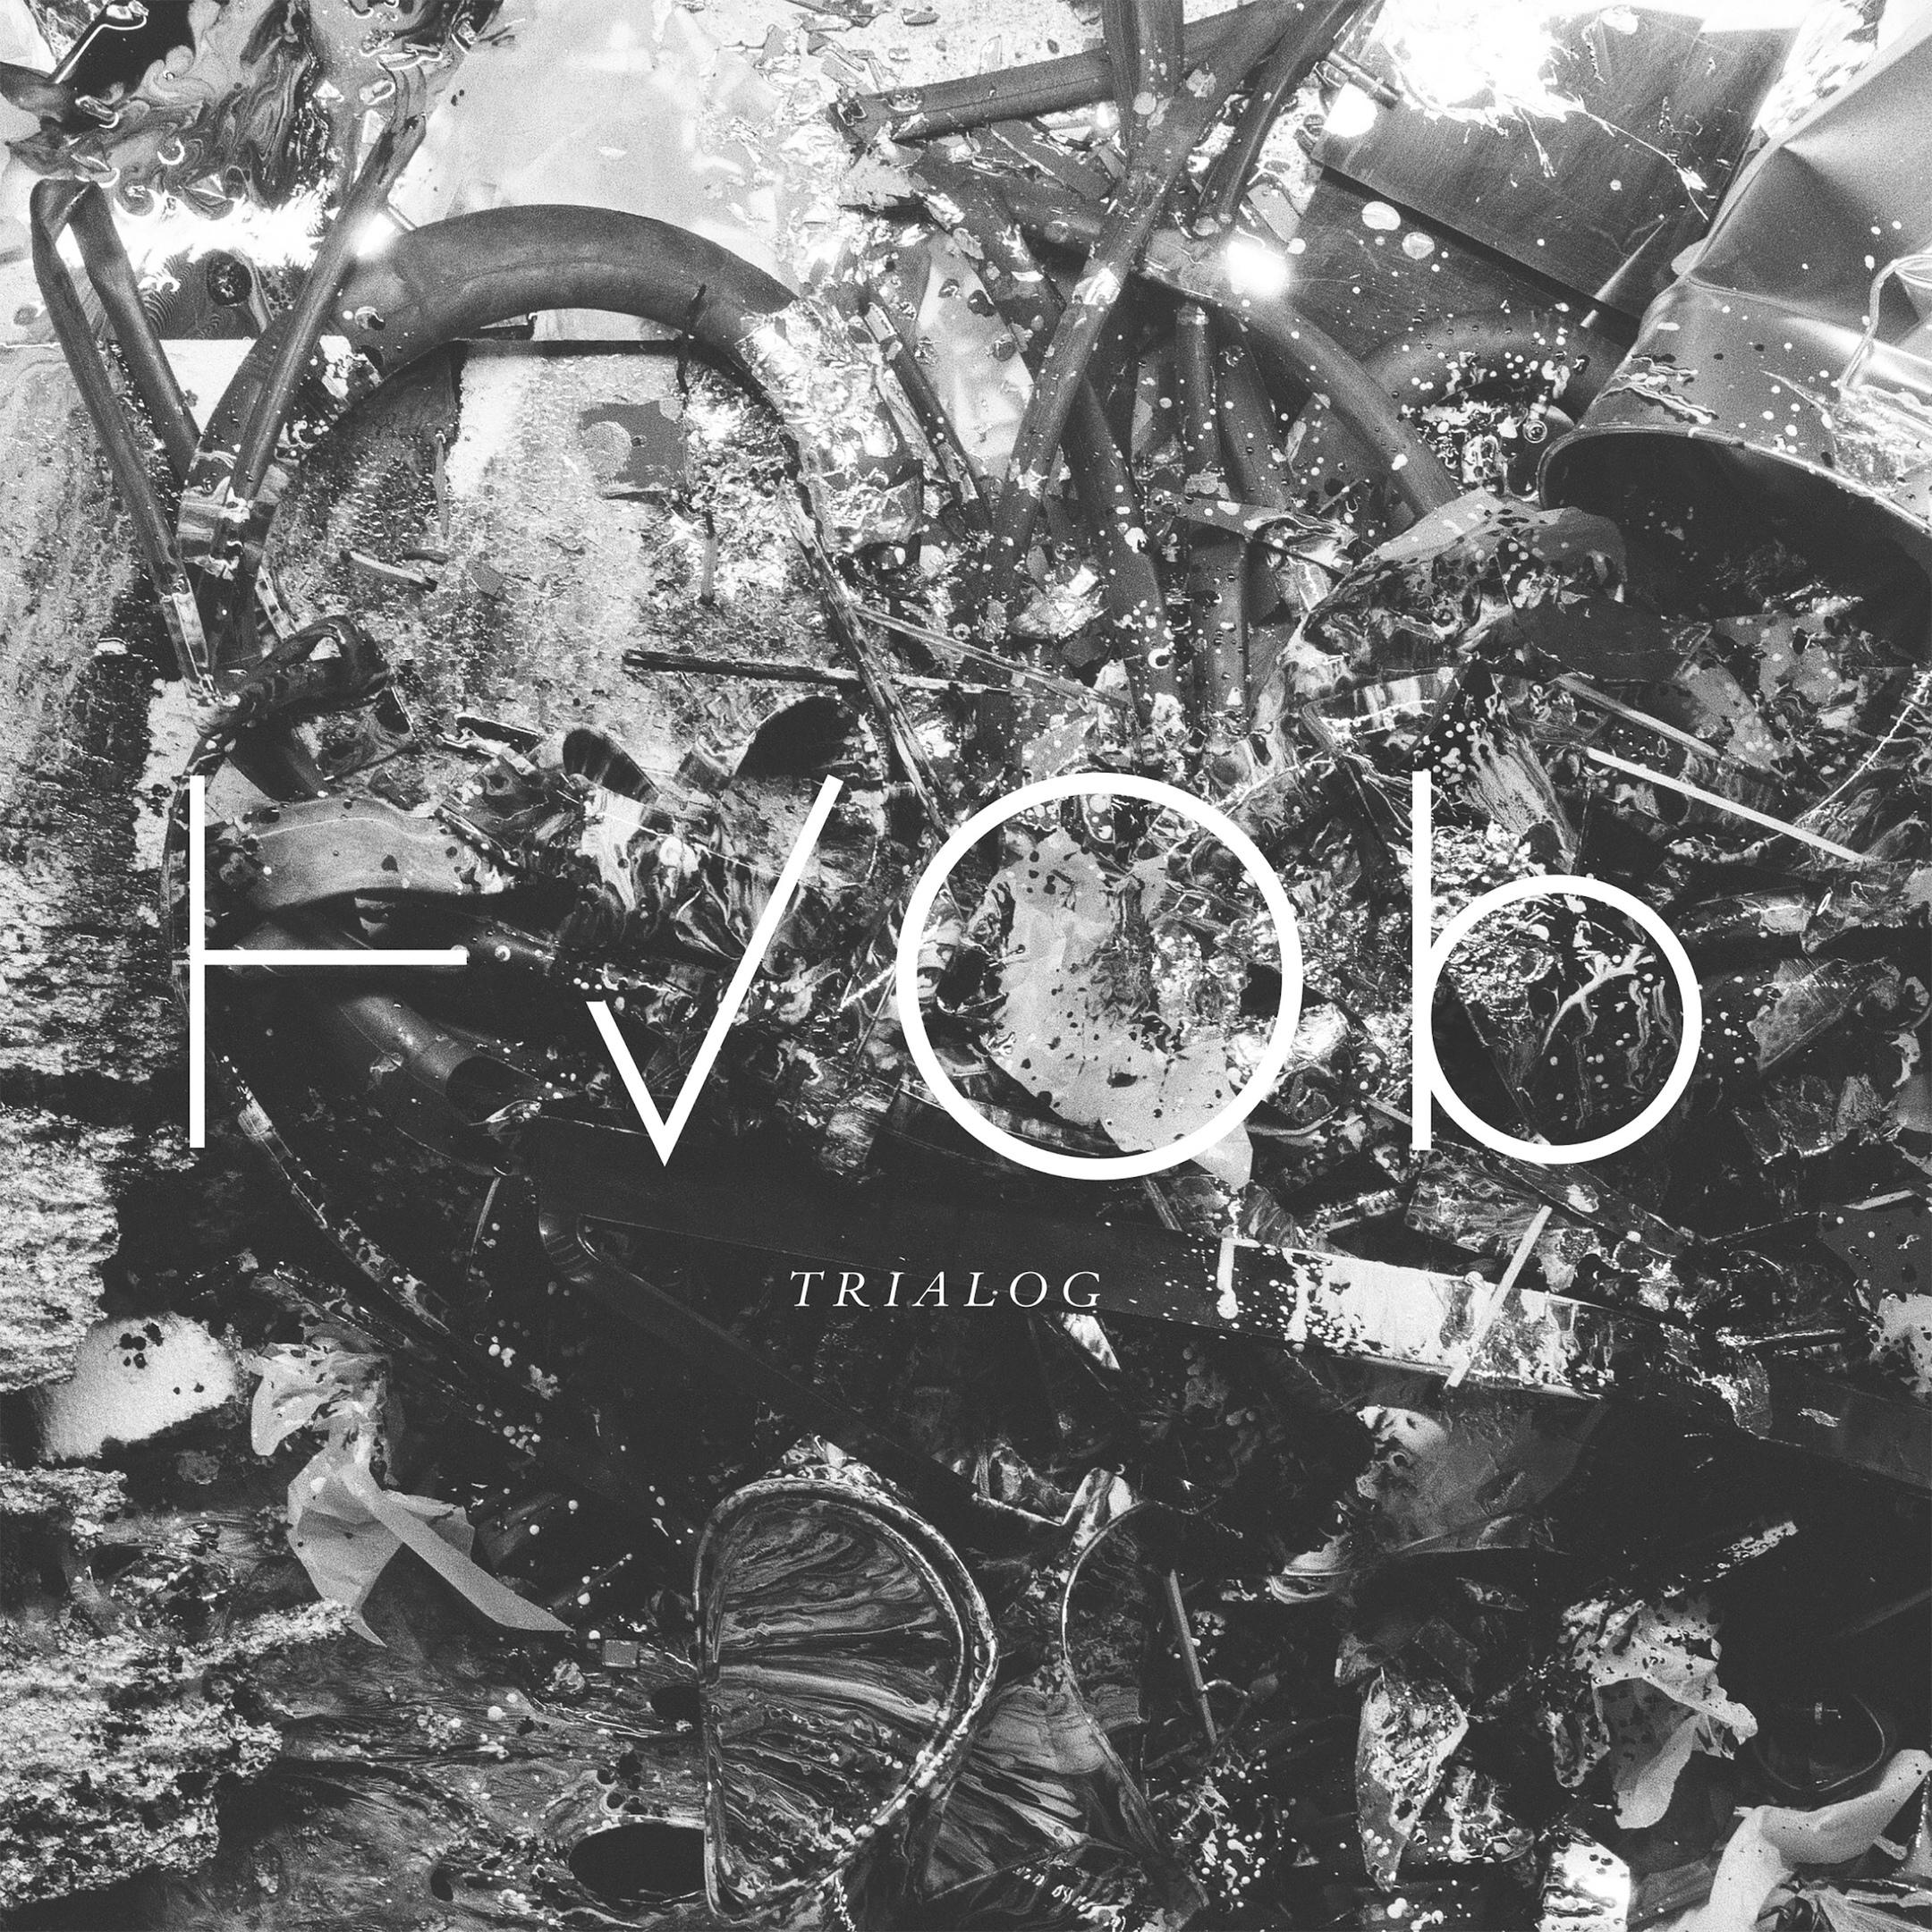 HVOB album Trialog